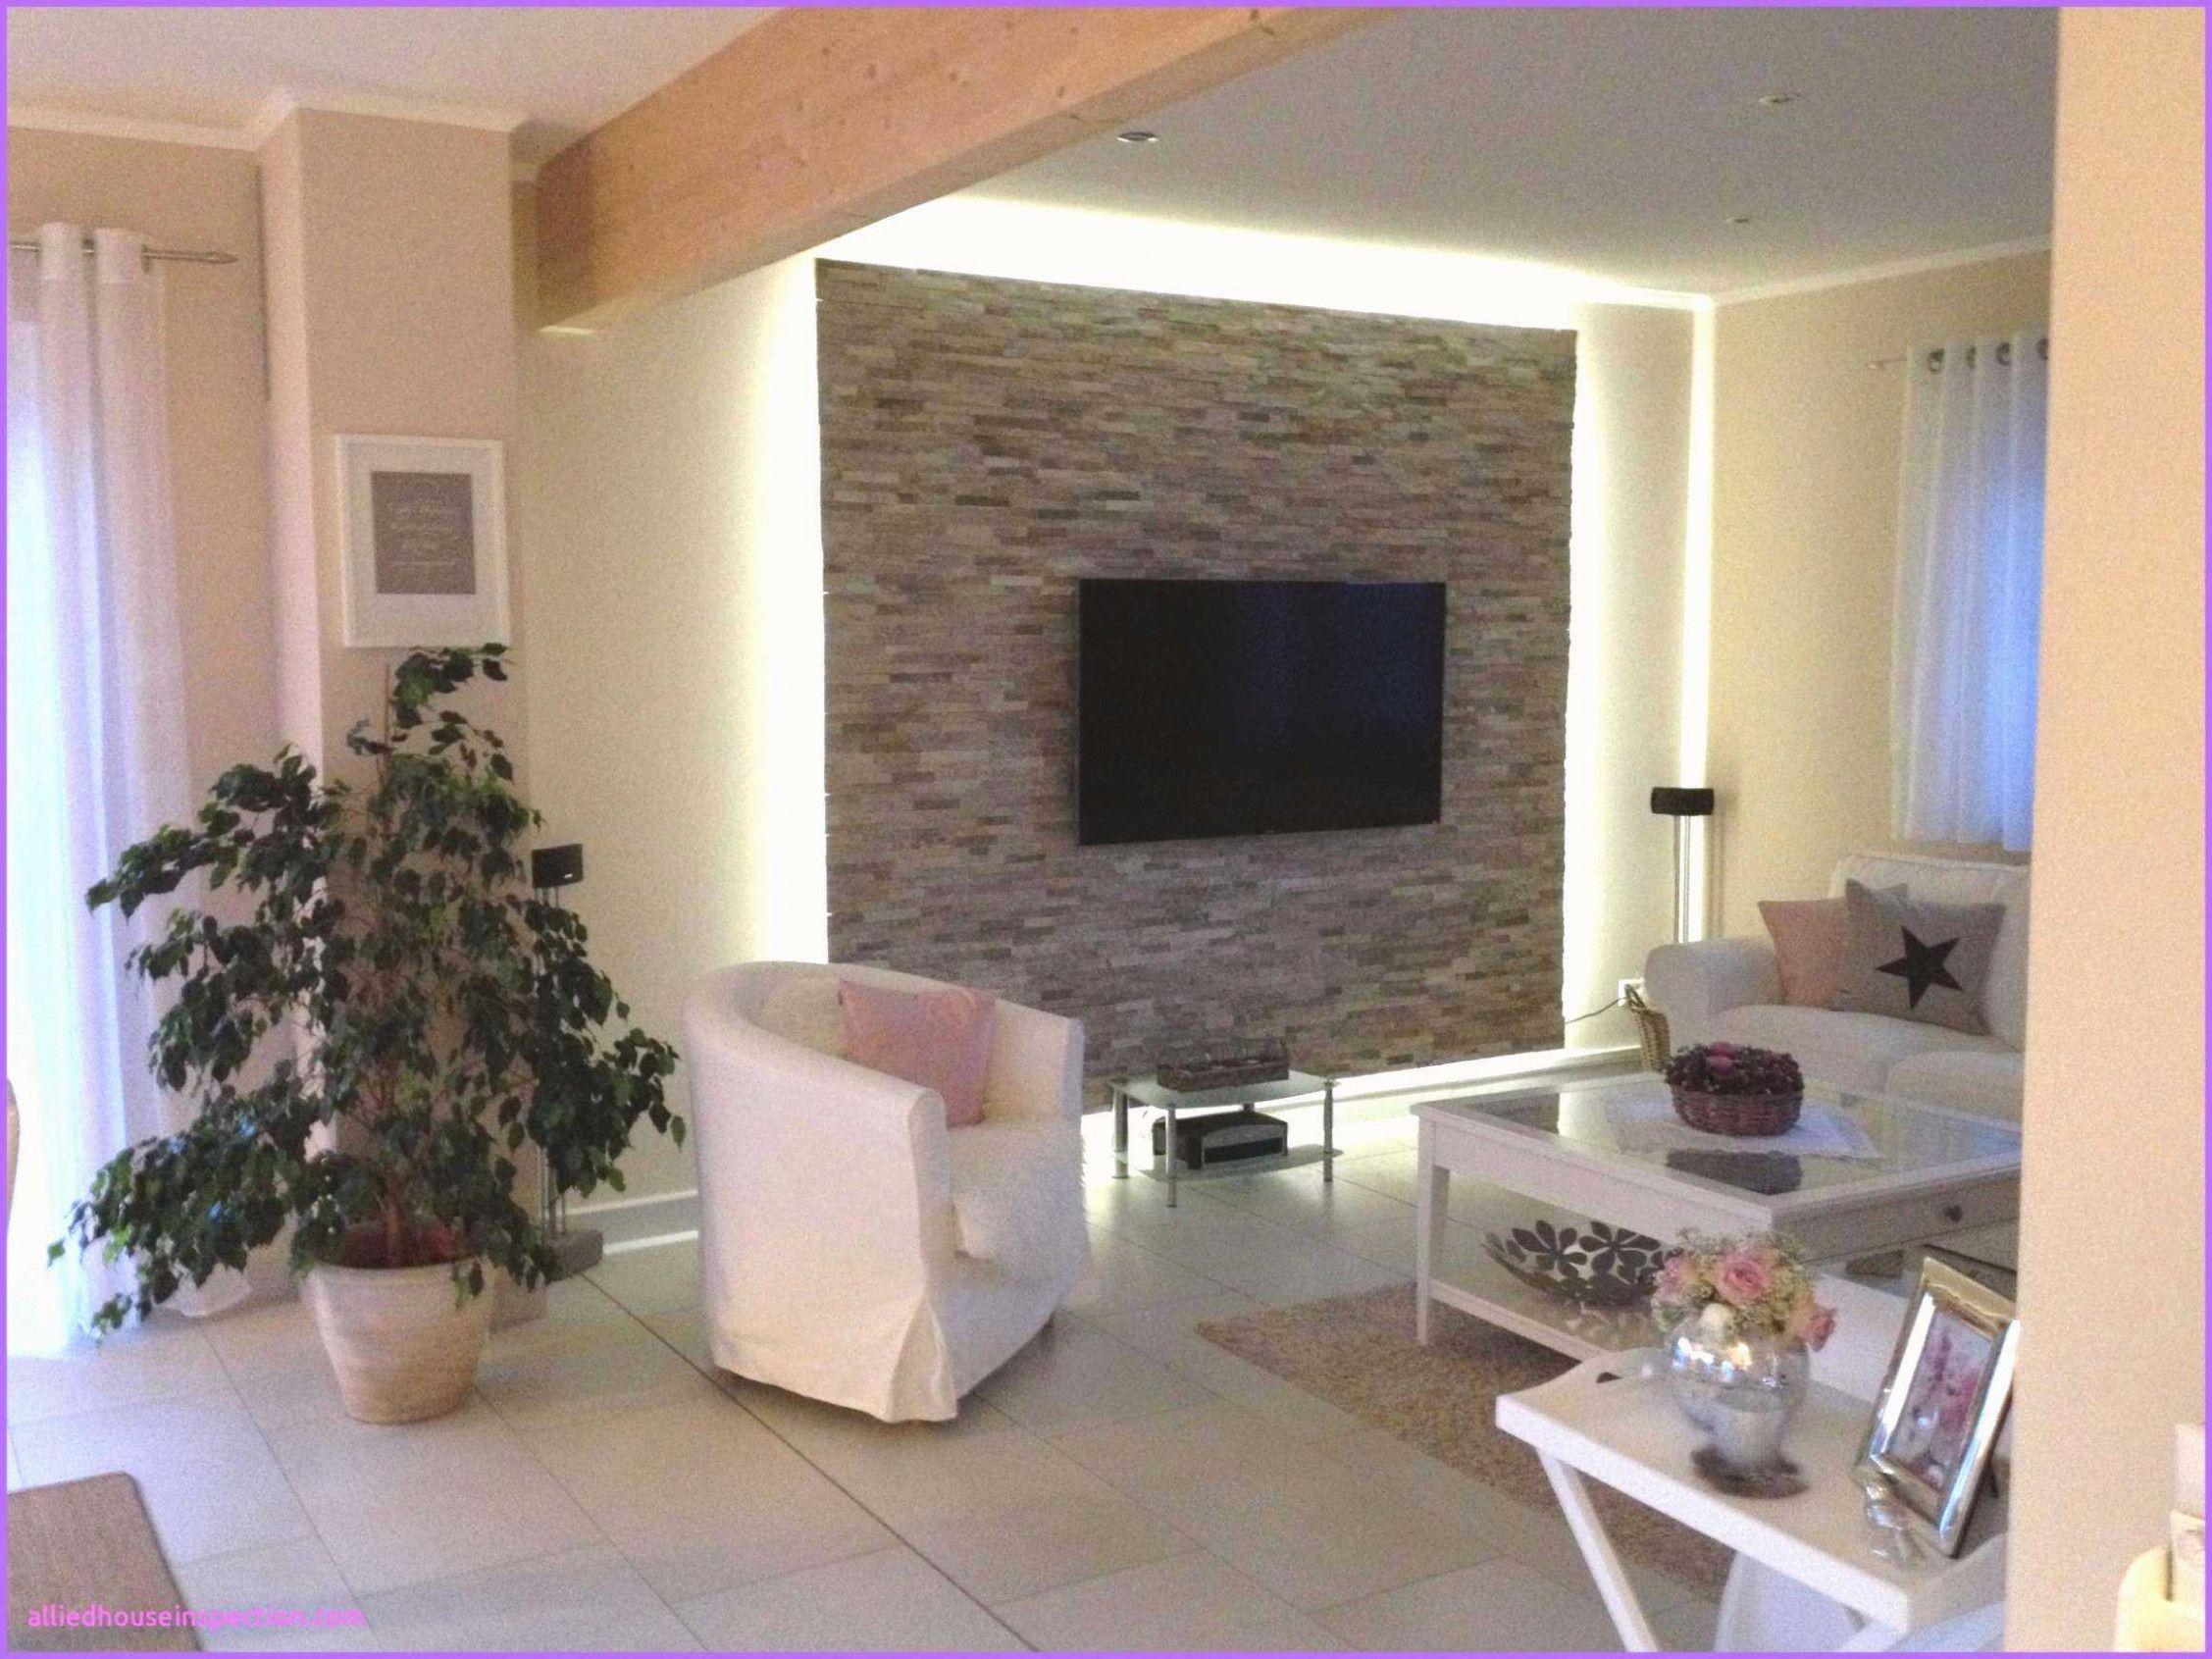 wohnzimmer deko wand | steinwand wohnzimmer, wohnzimmer